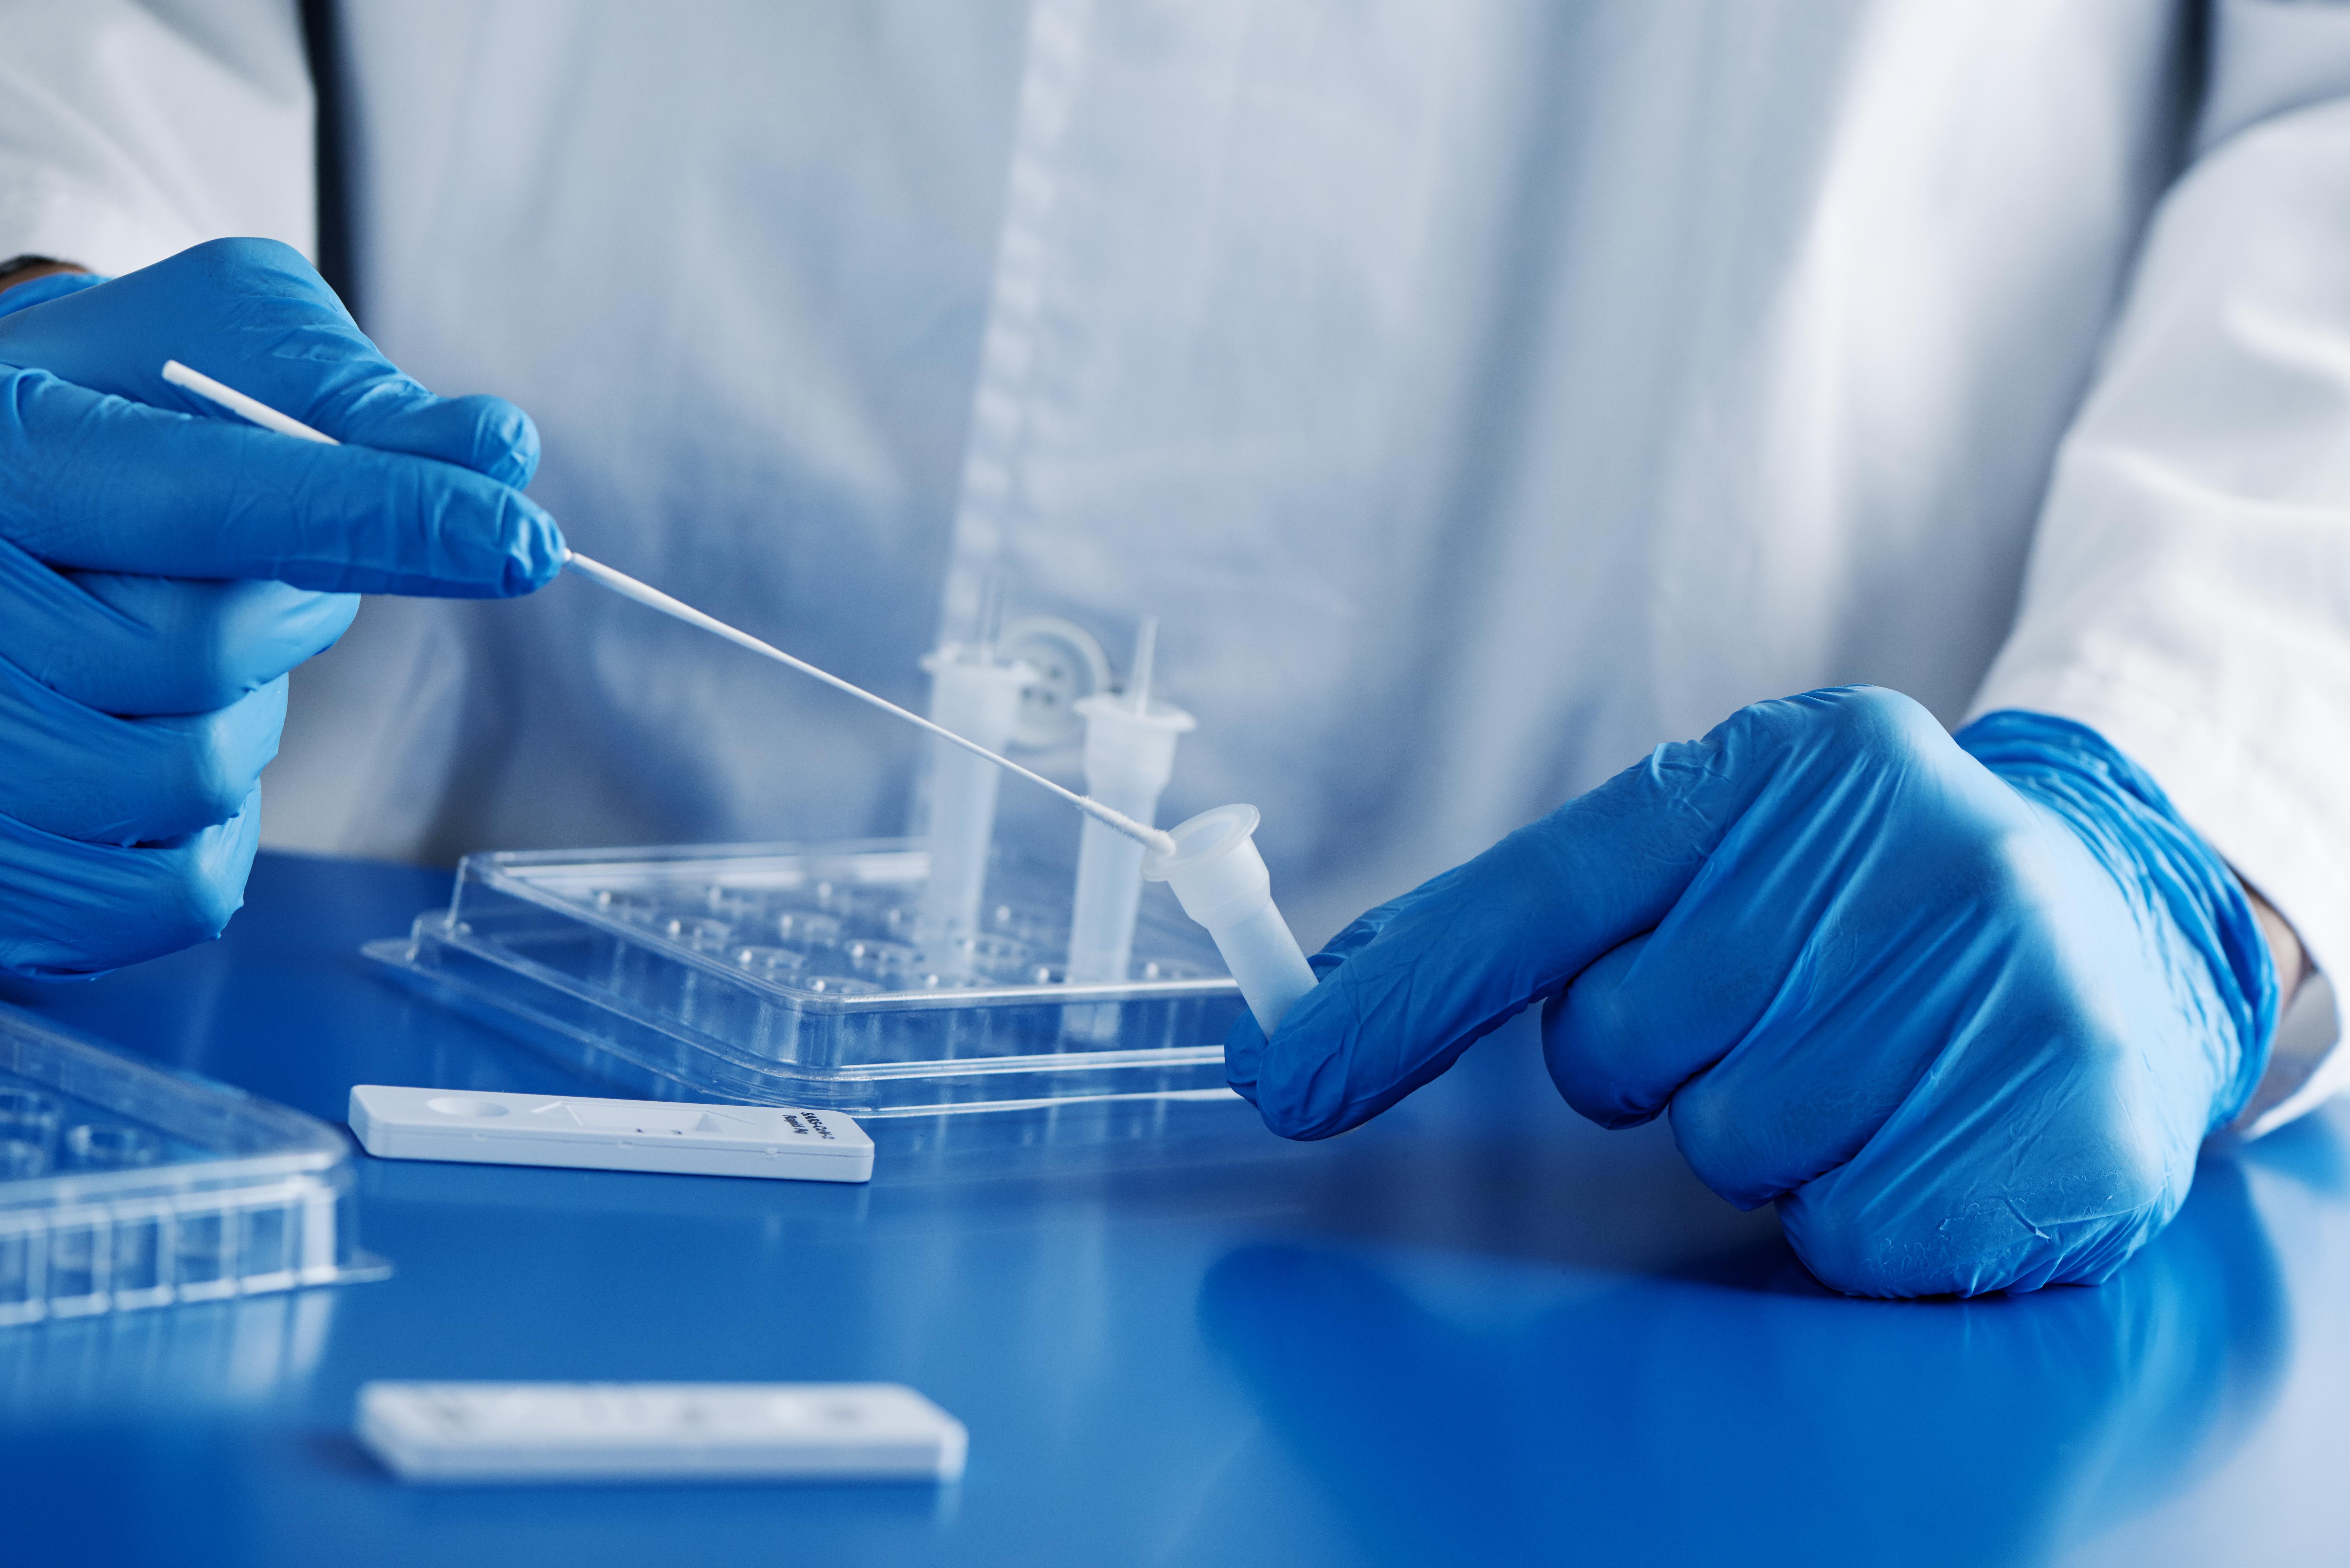 Mais comment la variante sud-africaine hautement infectieuse du SRAS-CoV-2, connue sous le nom de B.1.351, parvient à cet « échappement immunitaire » en cas de vaccination ? (Visuel Adobe Stock 409238884)